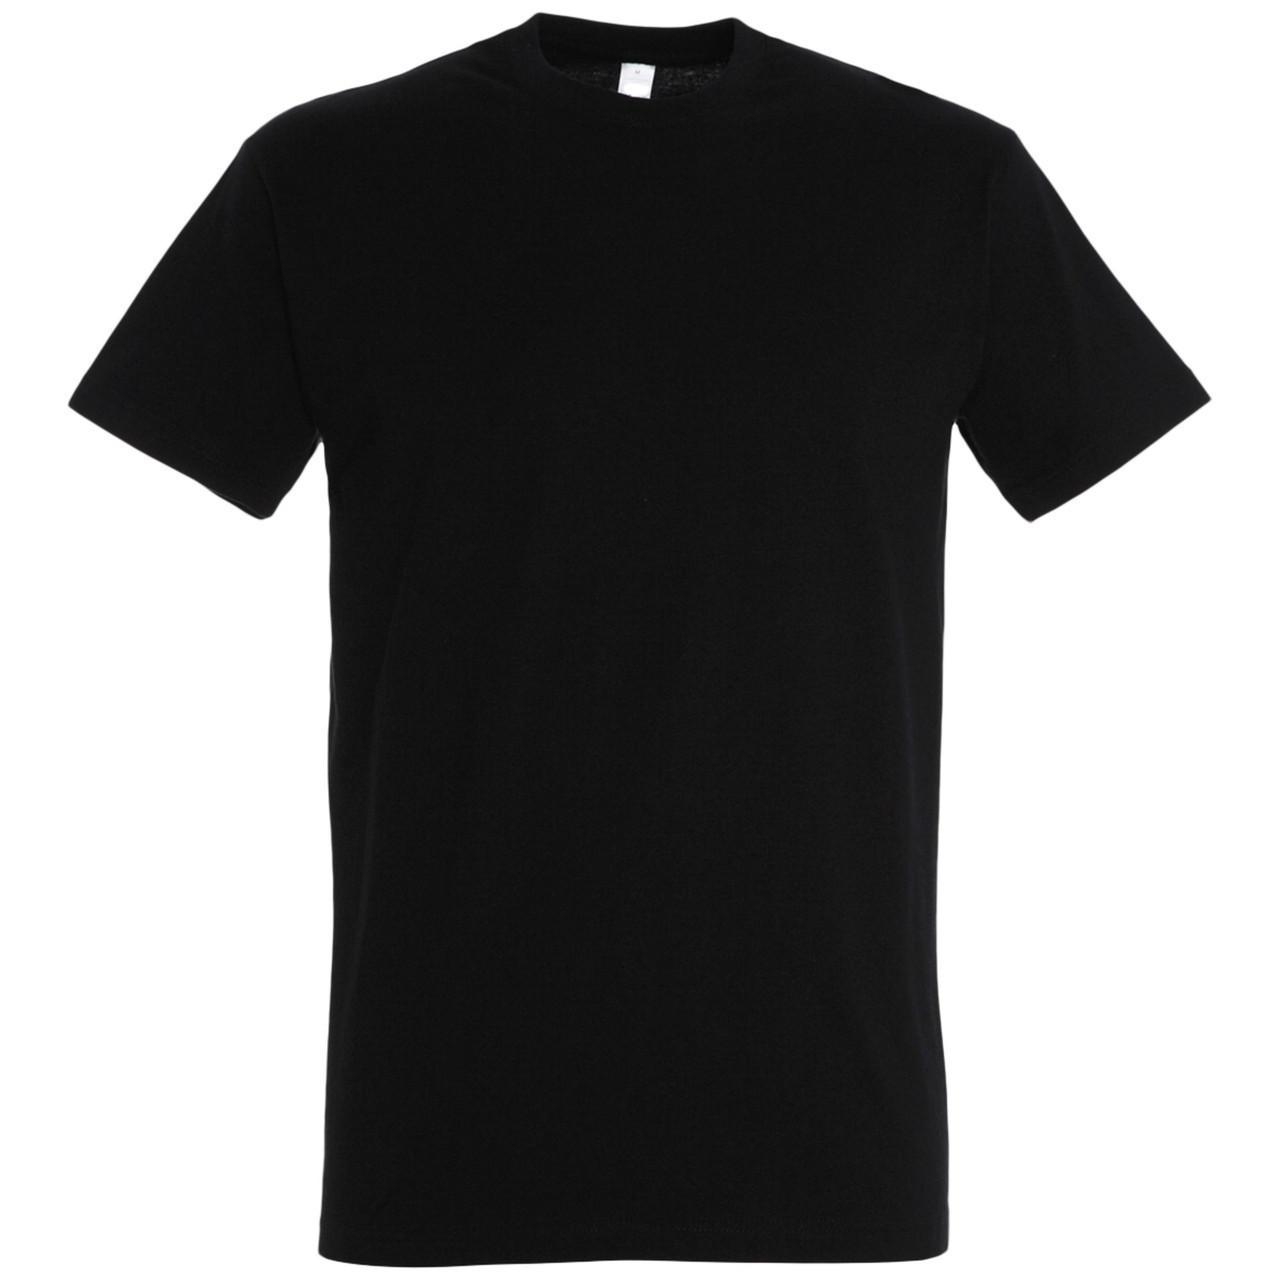 Oднотонная футболка | Черная | 160 гр. | 2XL